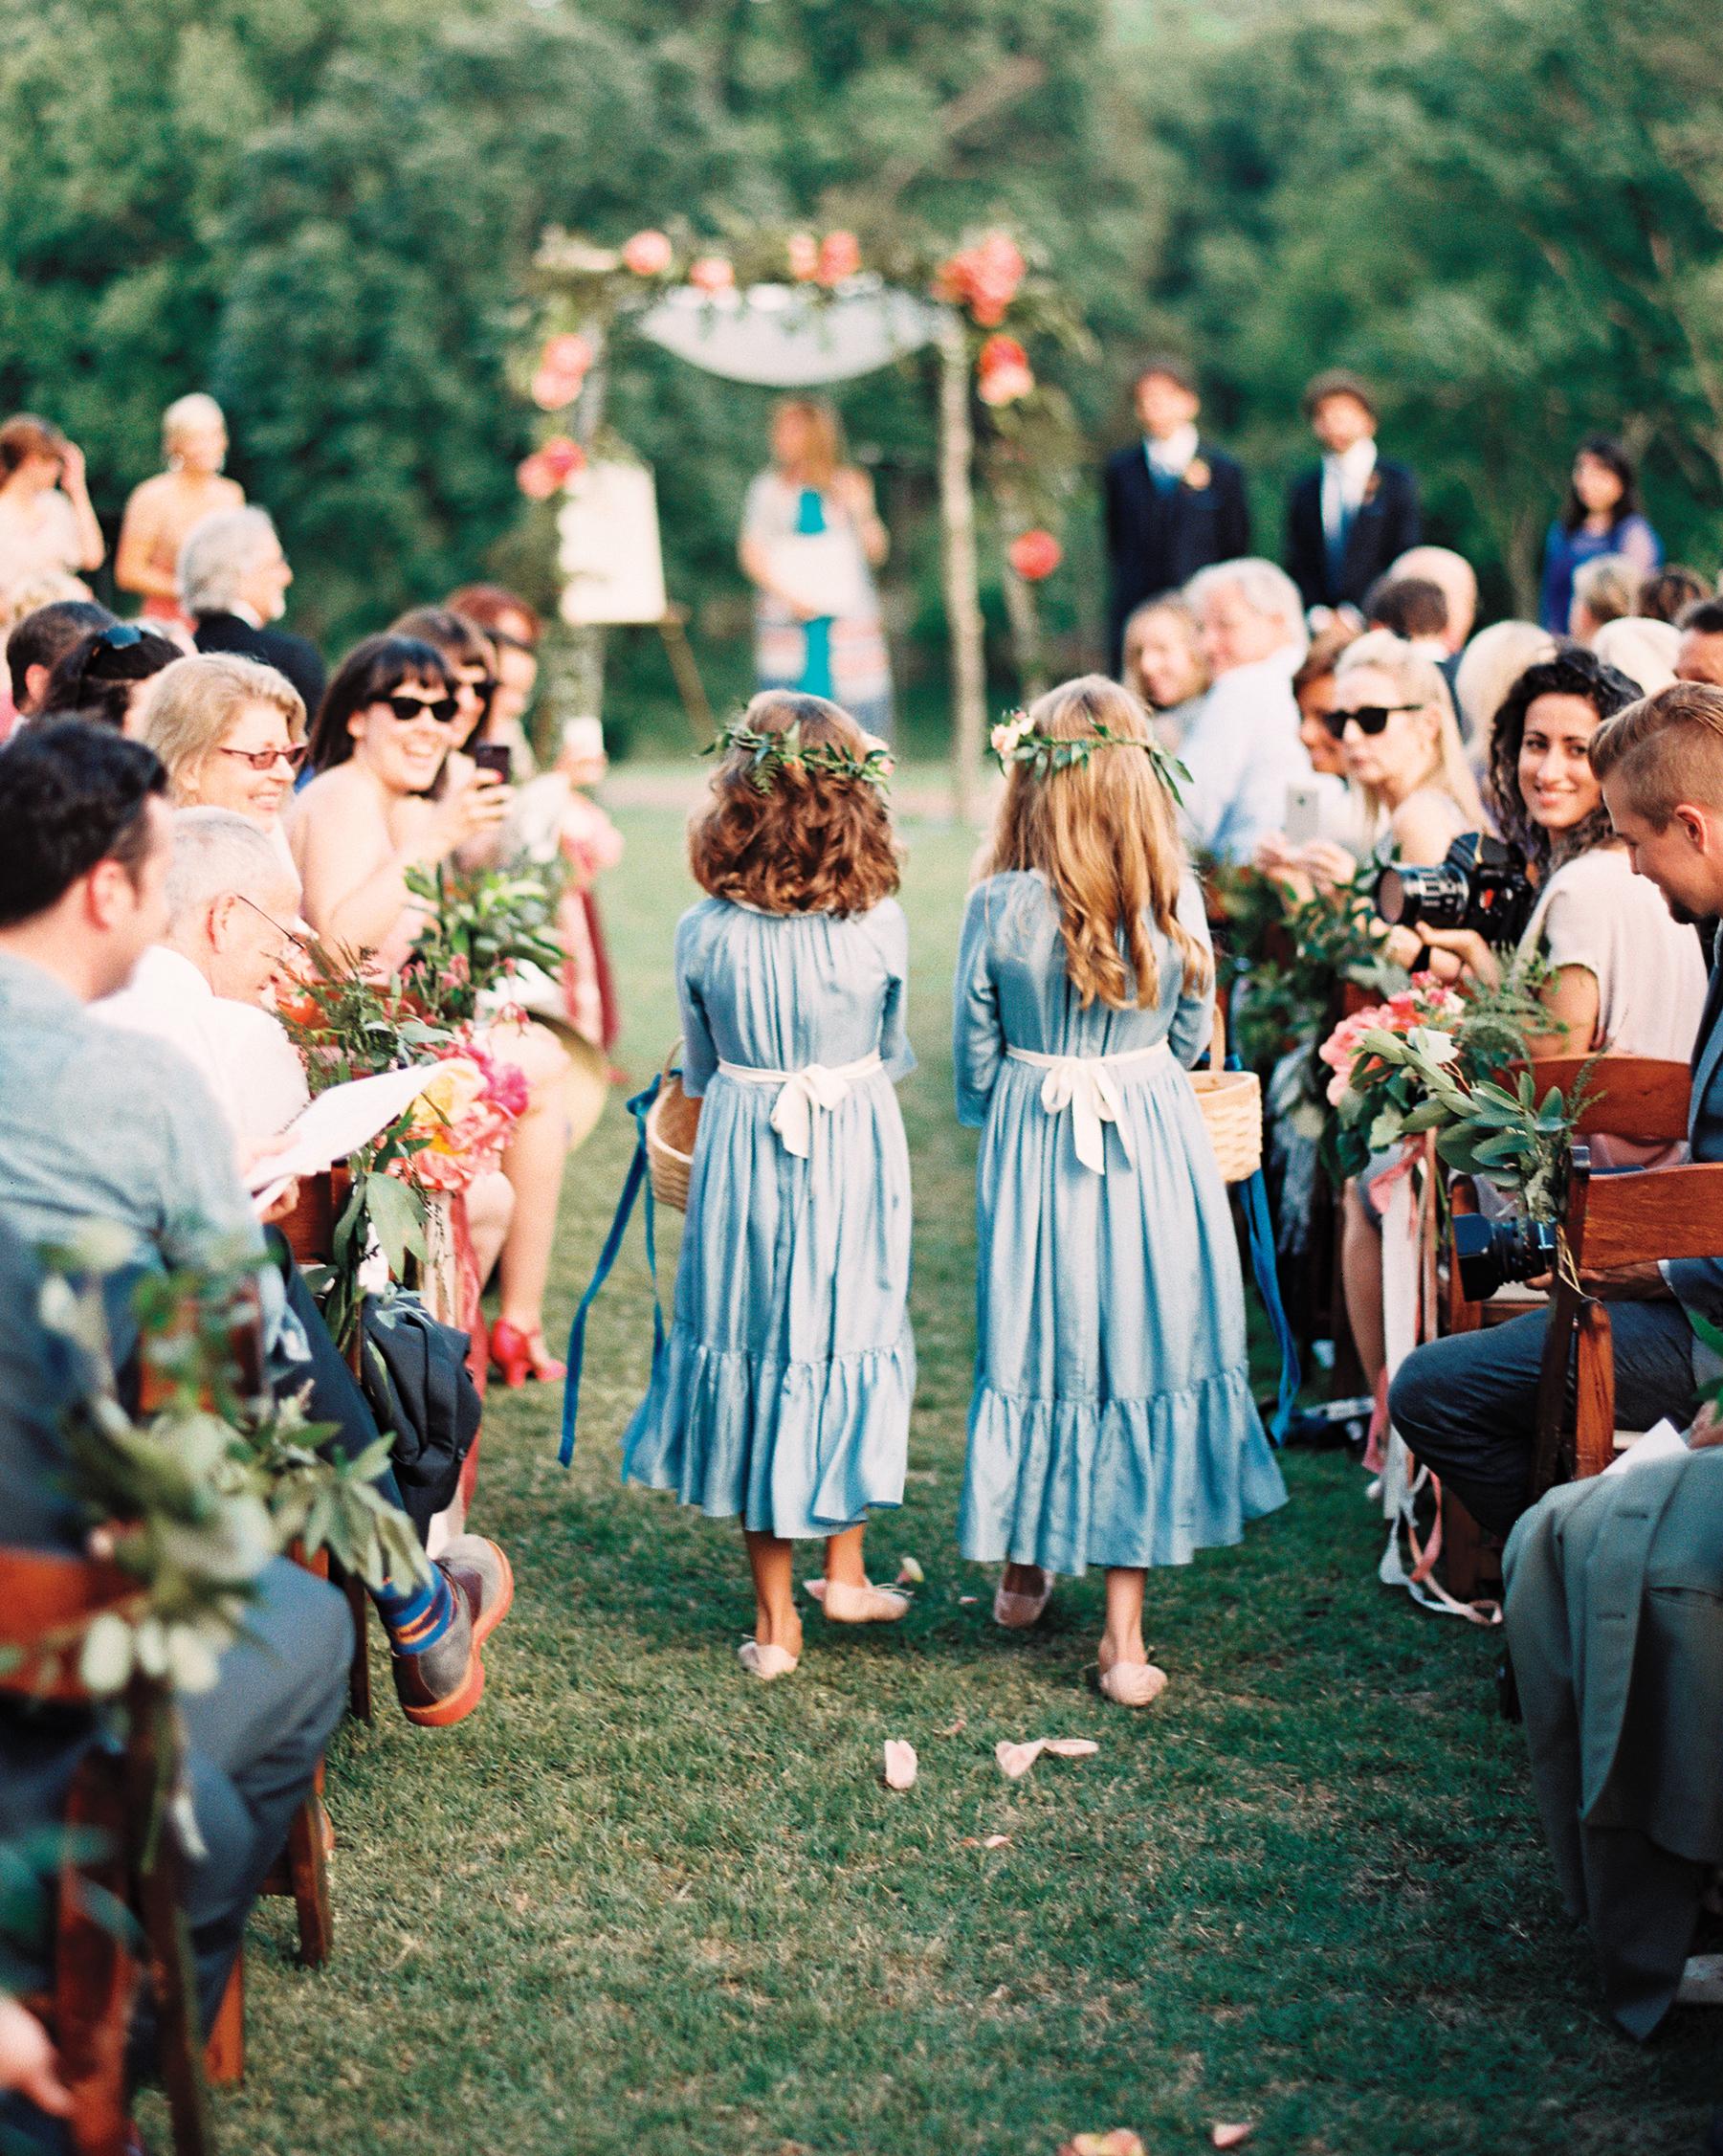 carrie-dan-ceremony-flowes-girls-053114-c-028-s111627.jpg